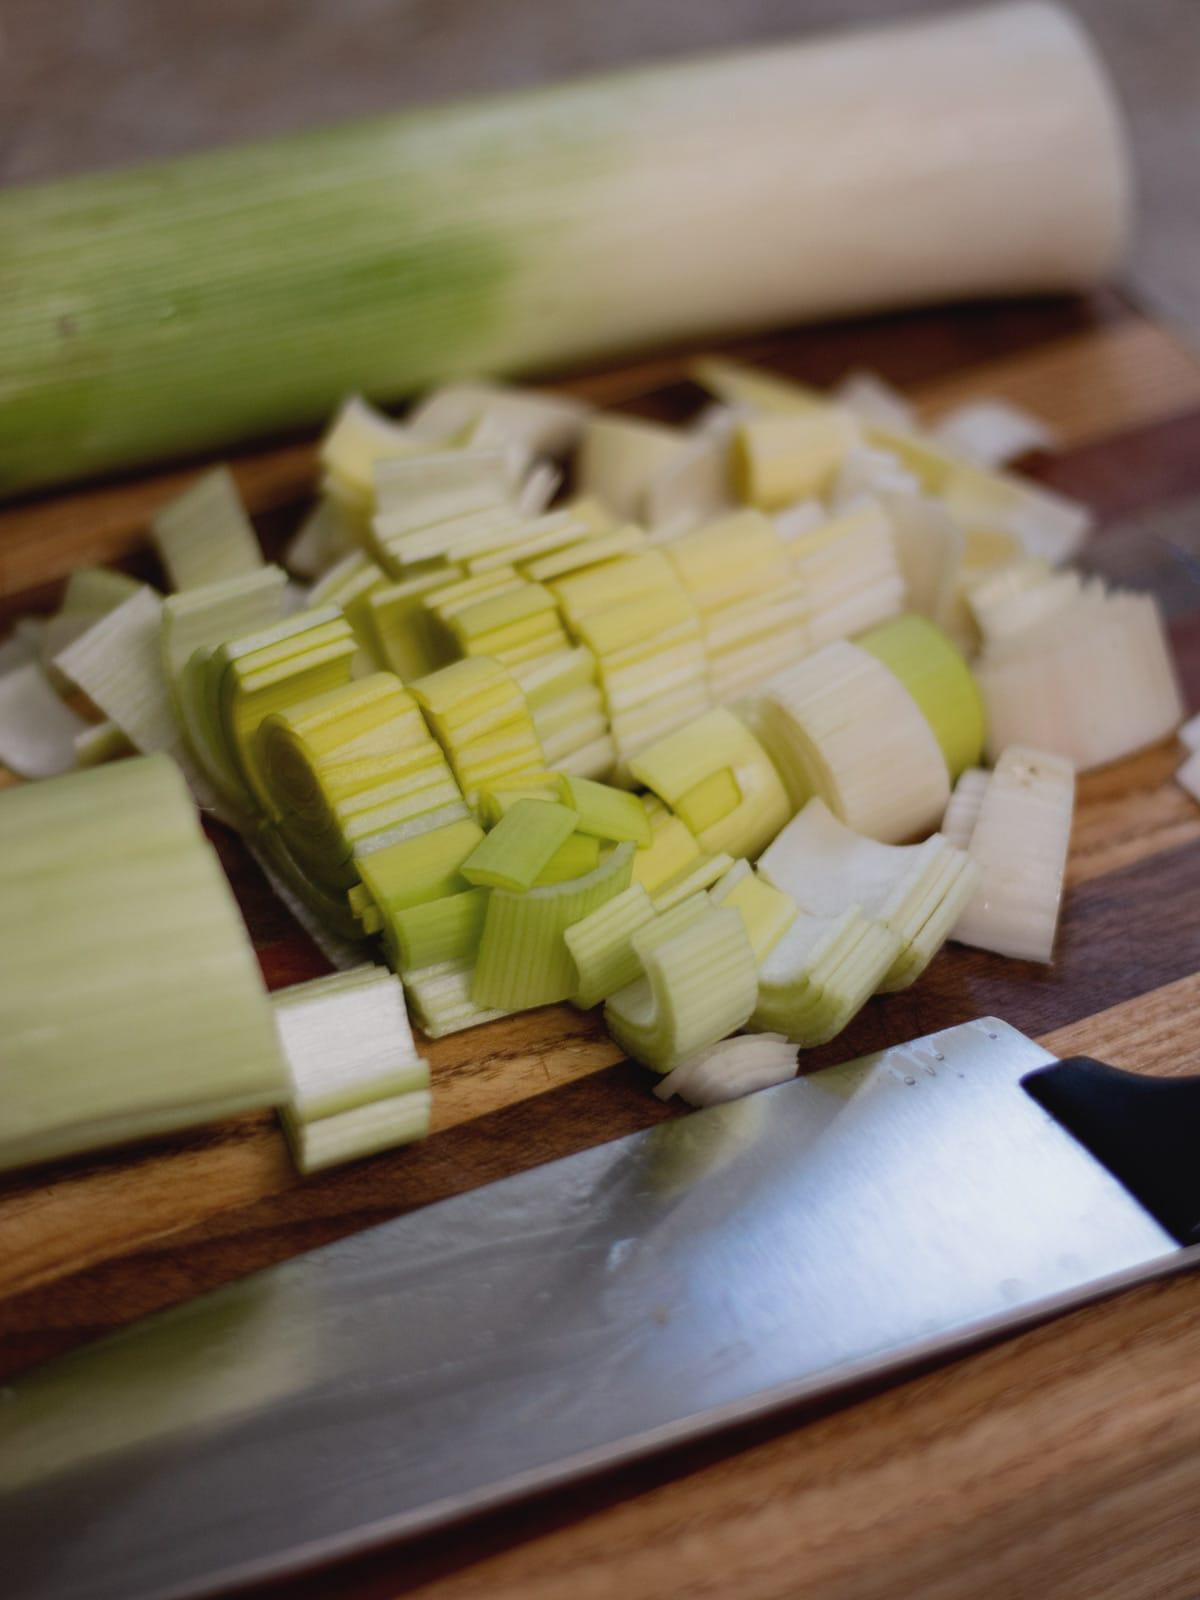 Cut leeks on a cutting board